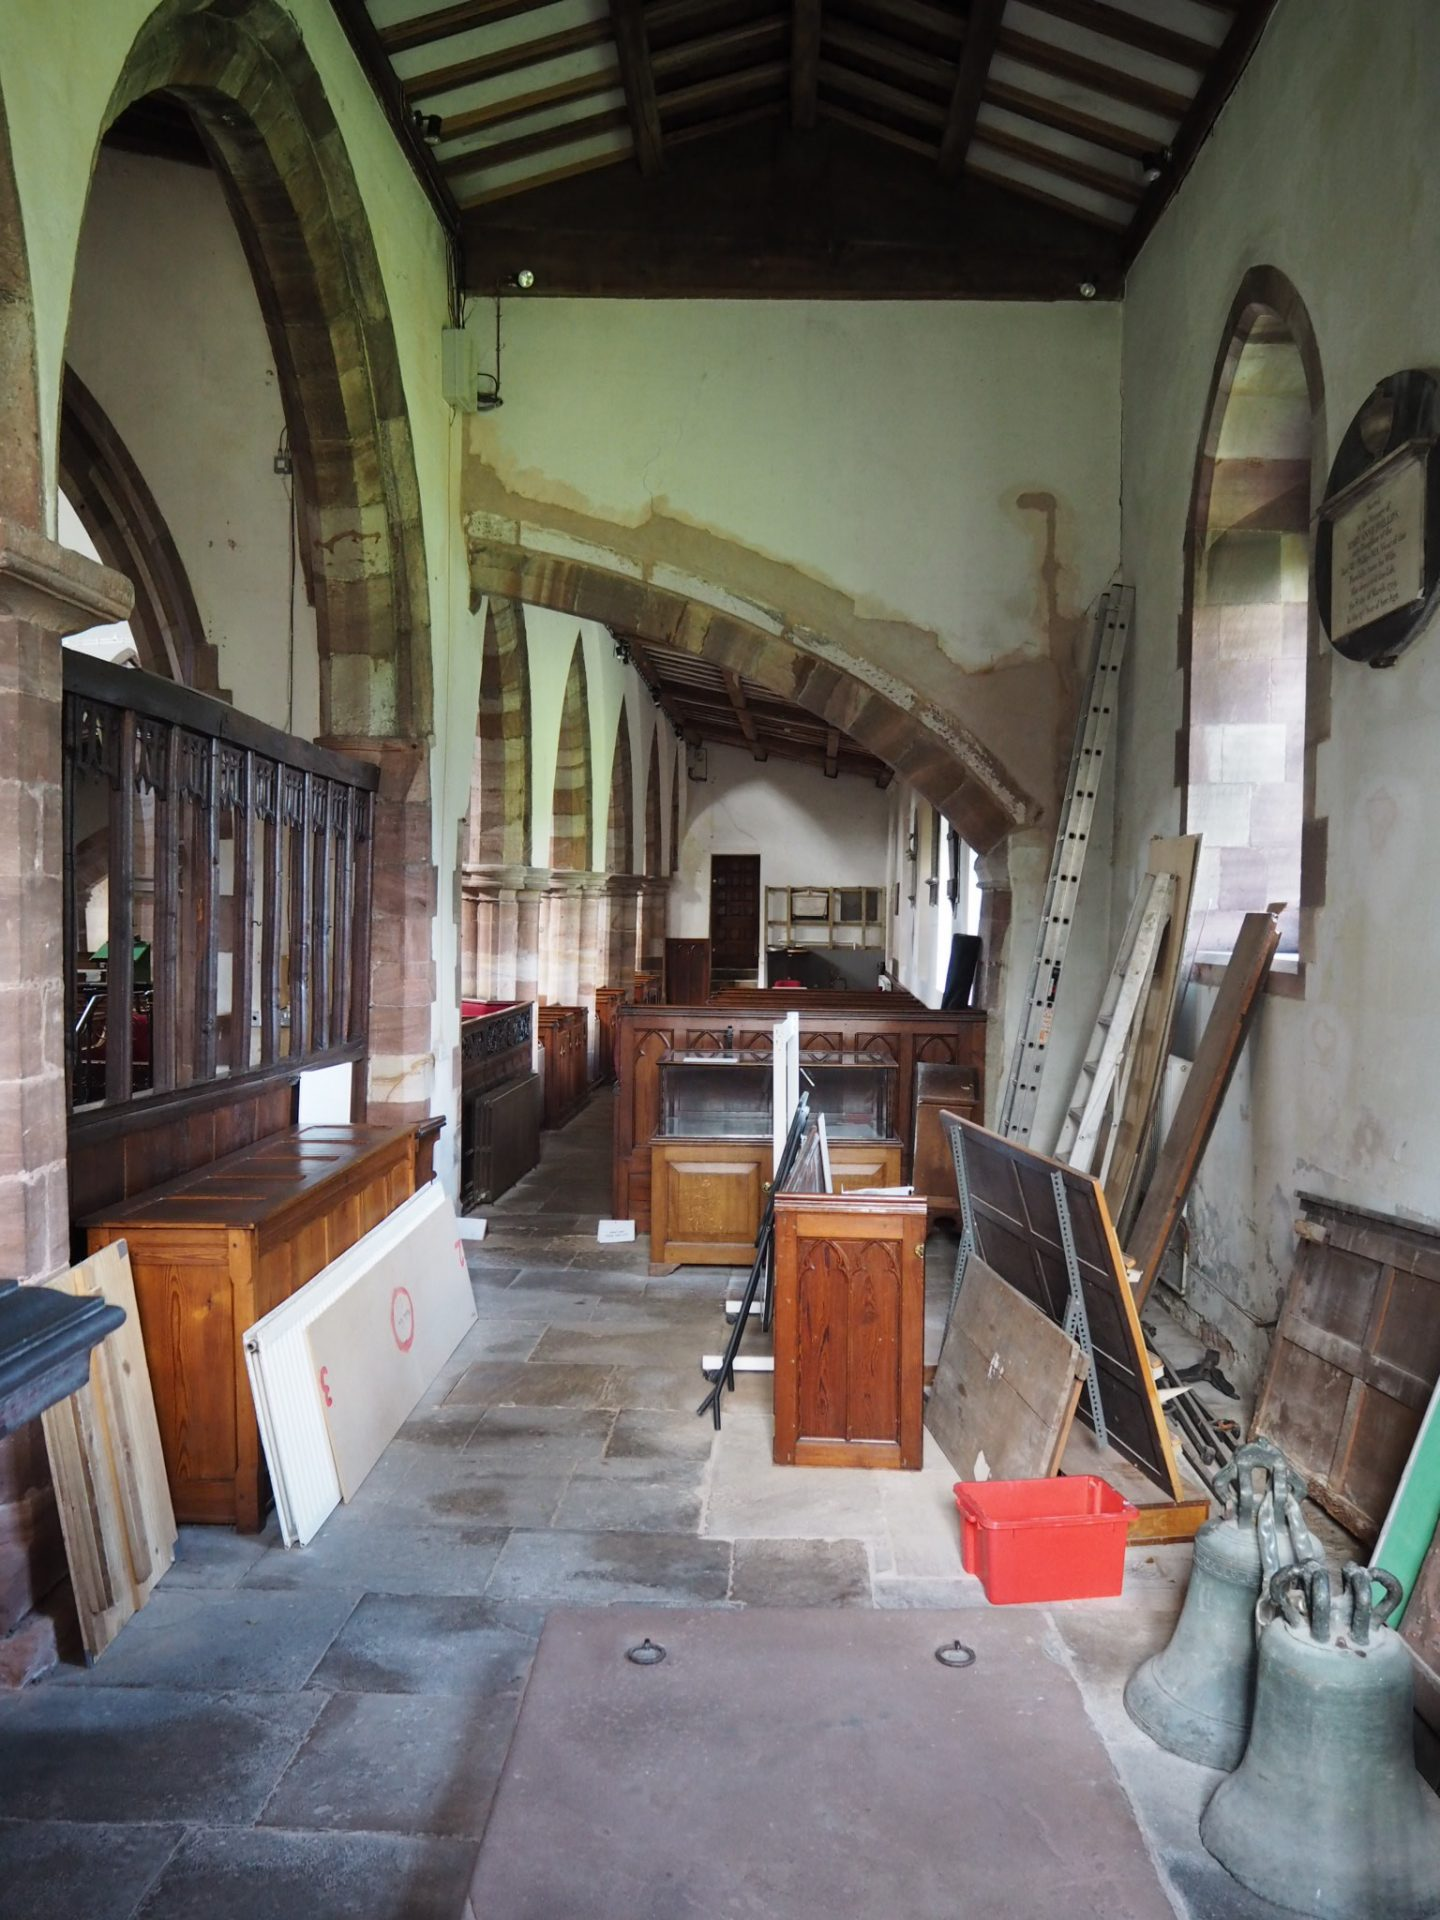 Clifford Chapel